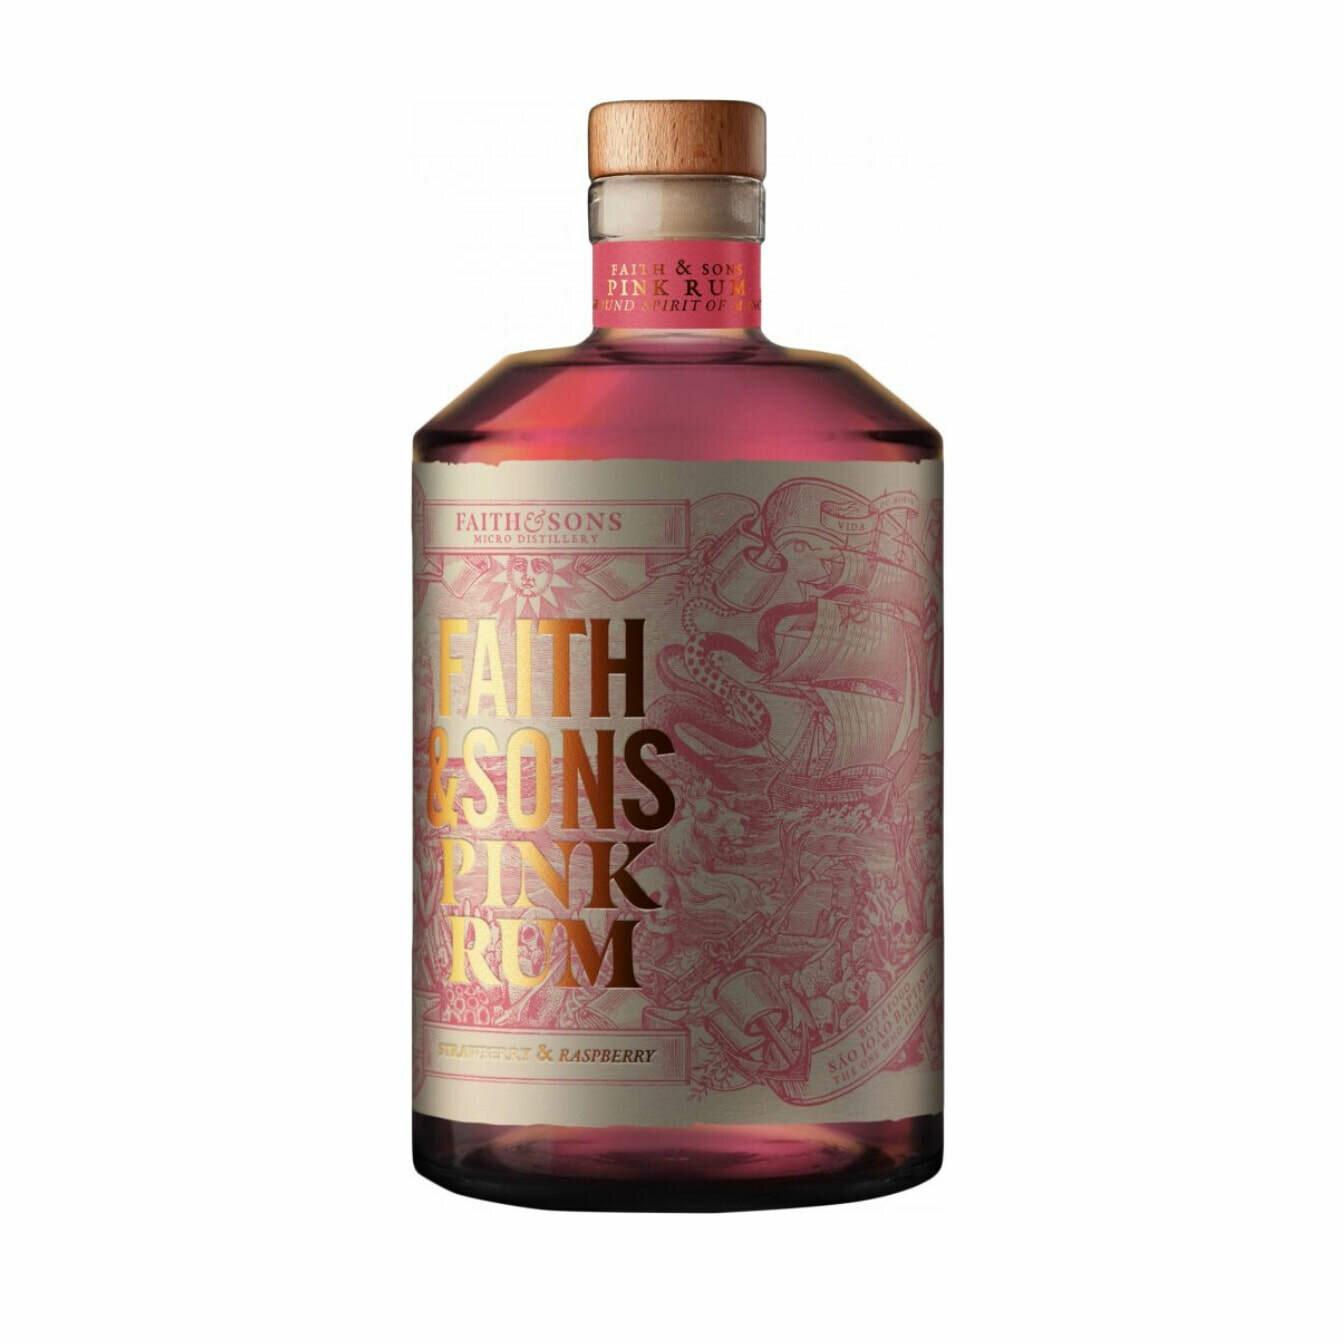 Faith & Sons Pink Rum